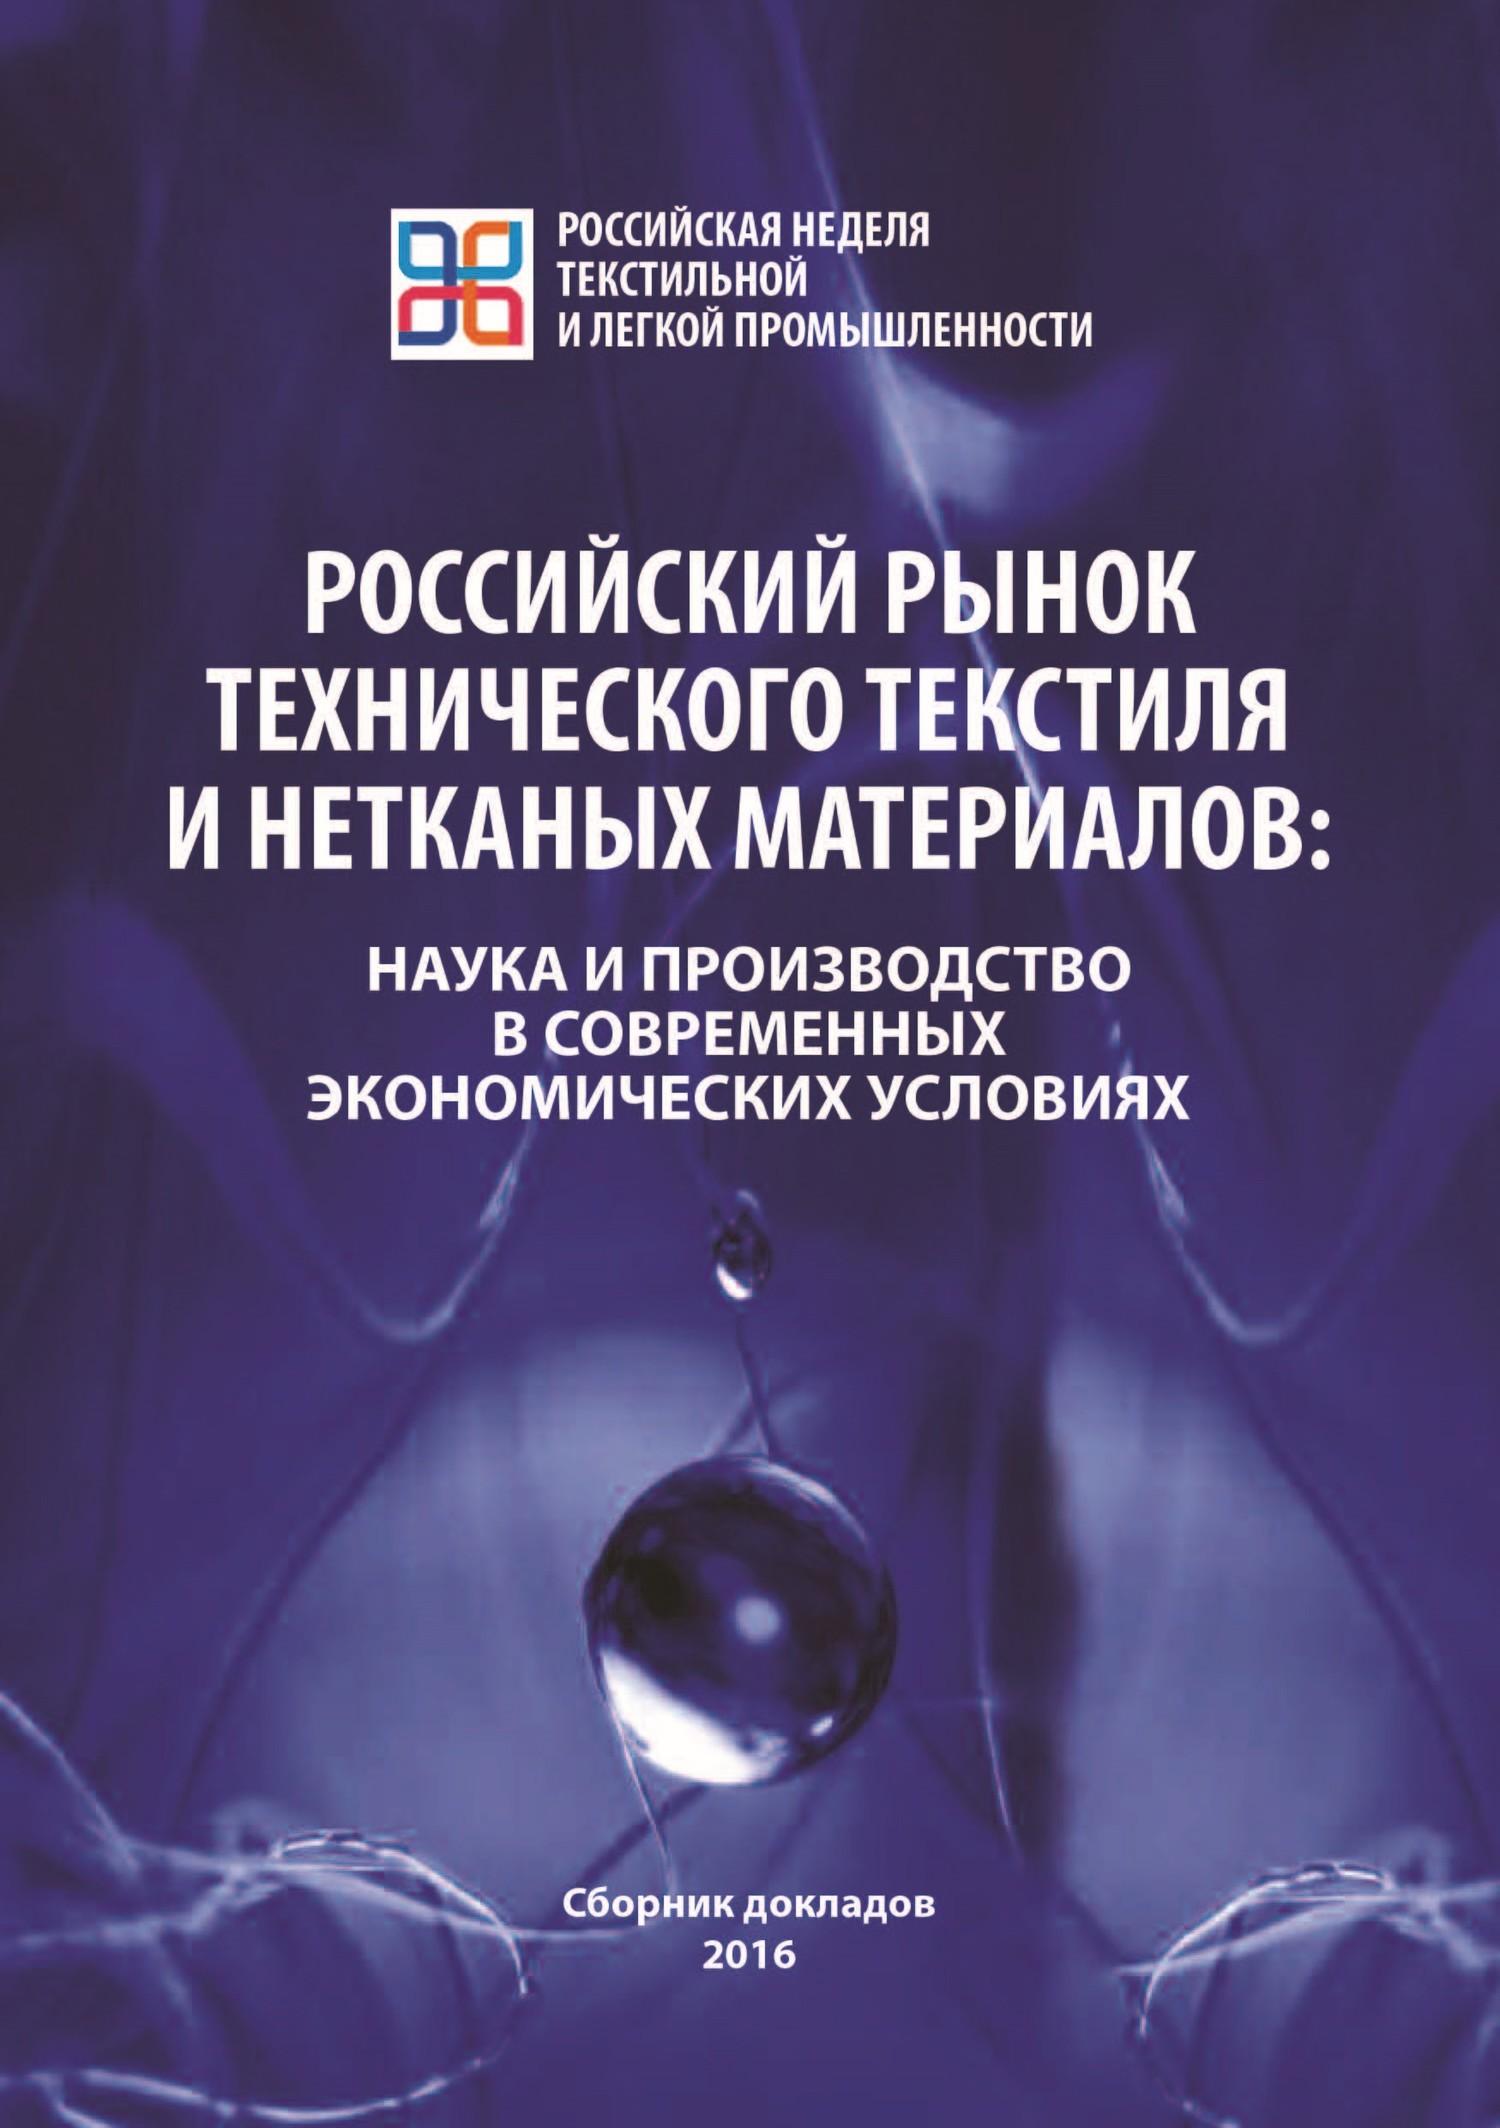 Сборник статей Российский рынок технического текстиля и нетканых материалов. Наука производство в современных экономических условиях